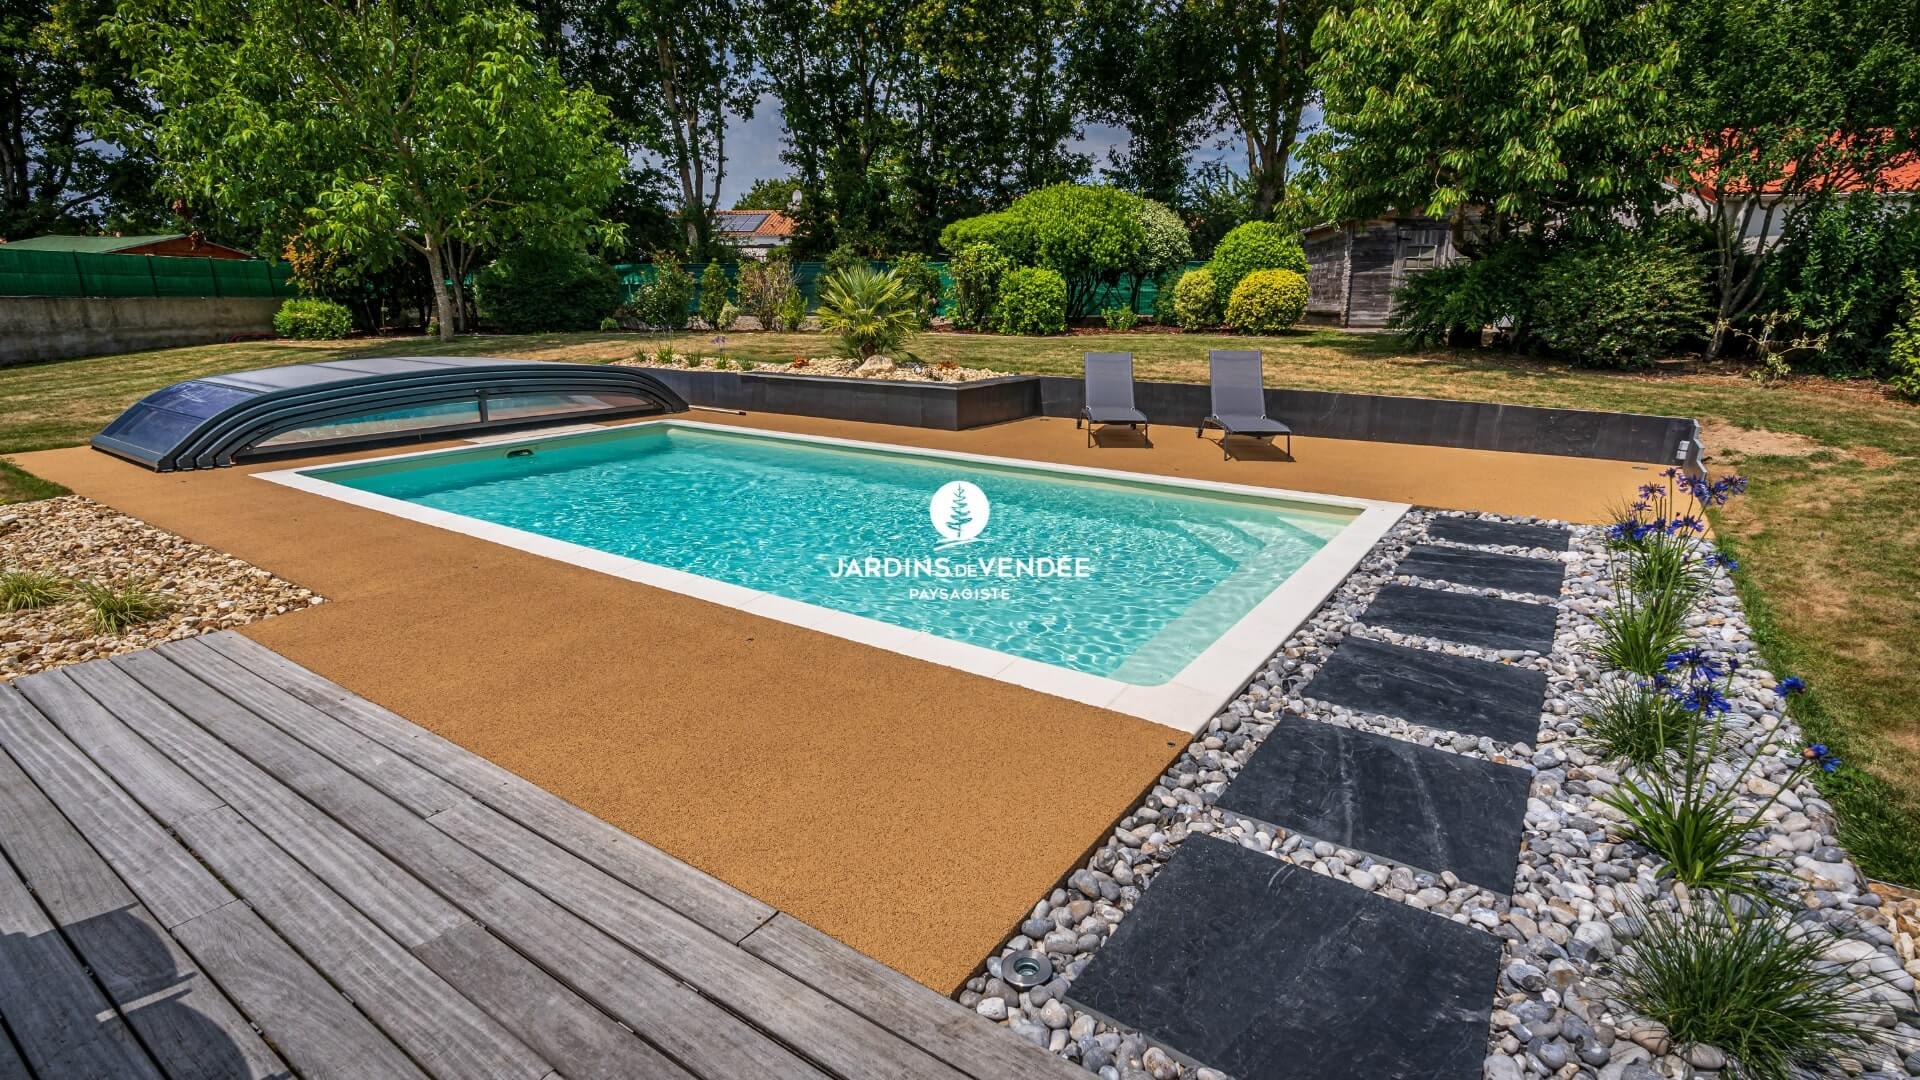 jardins-de-vendee-realisations-piscines-bassins(19)